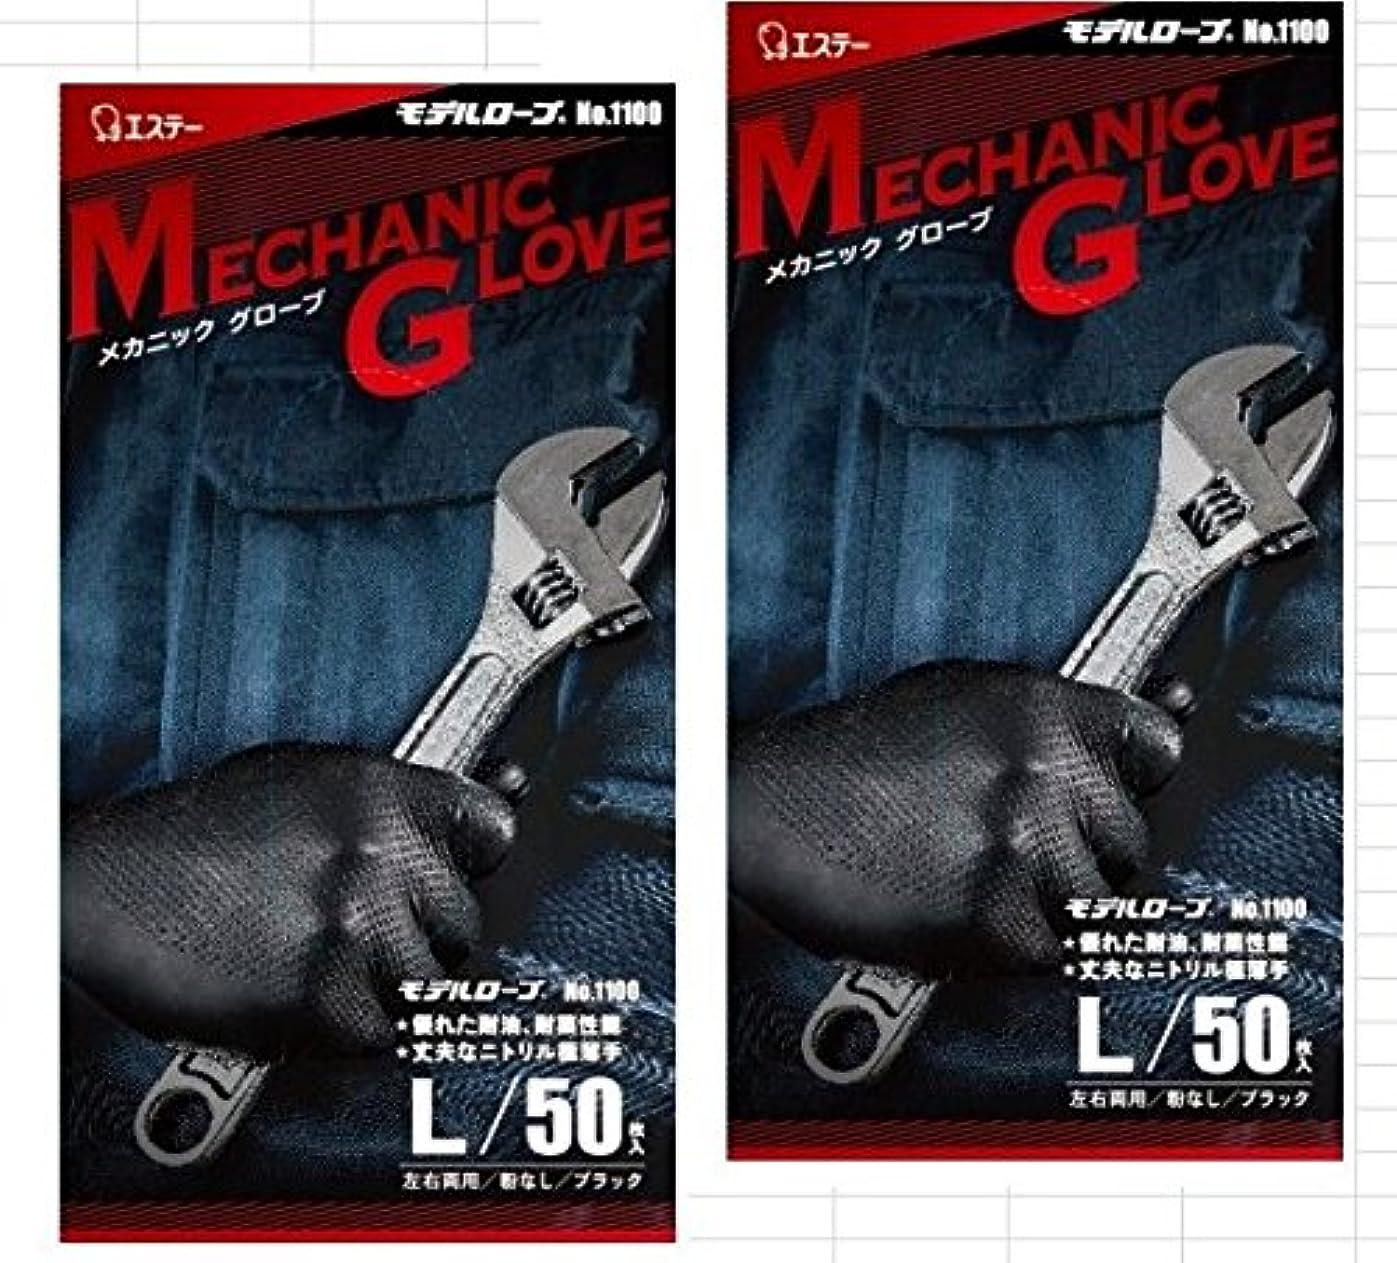 回転ミュウミュウ反応する【2組】モデルローブ No.1100 メカニックグローブ Lサイズ ブラック 50枚 …